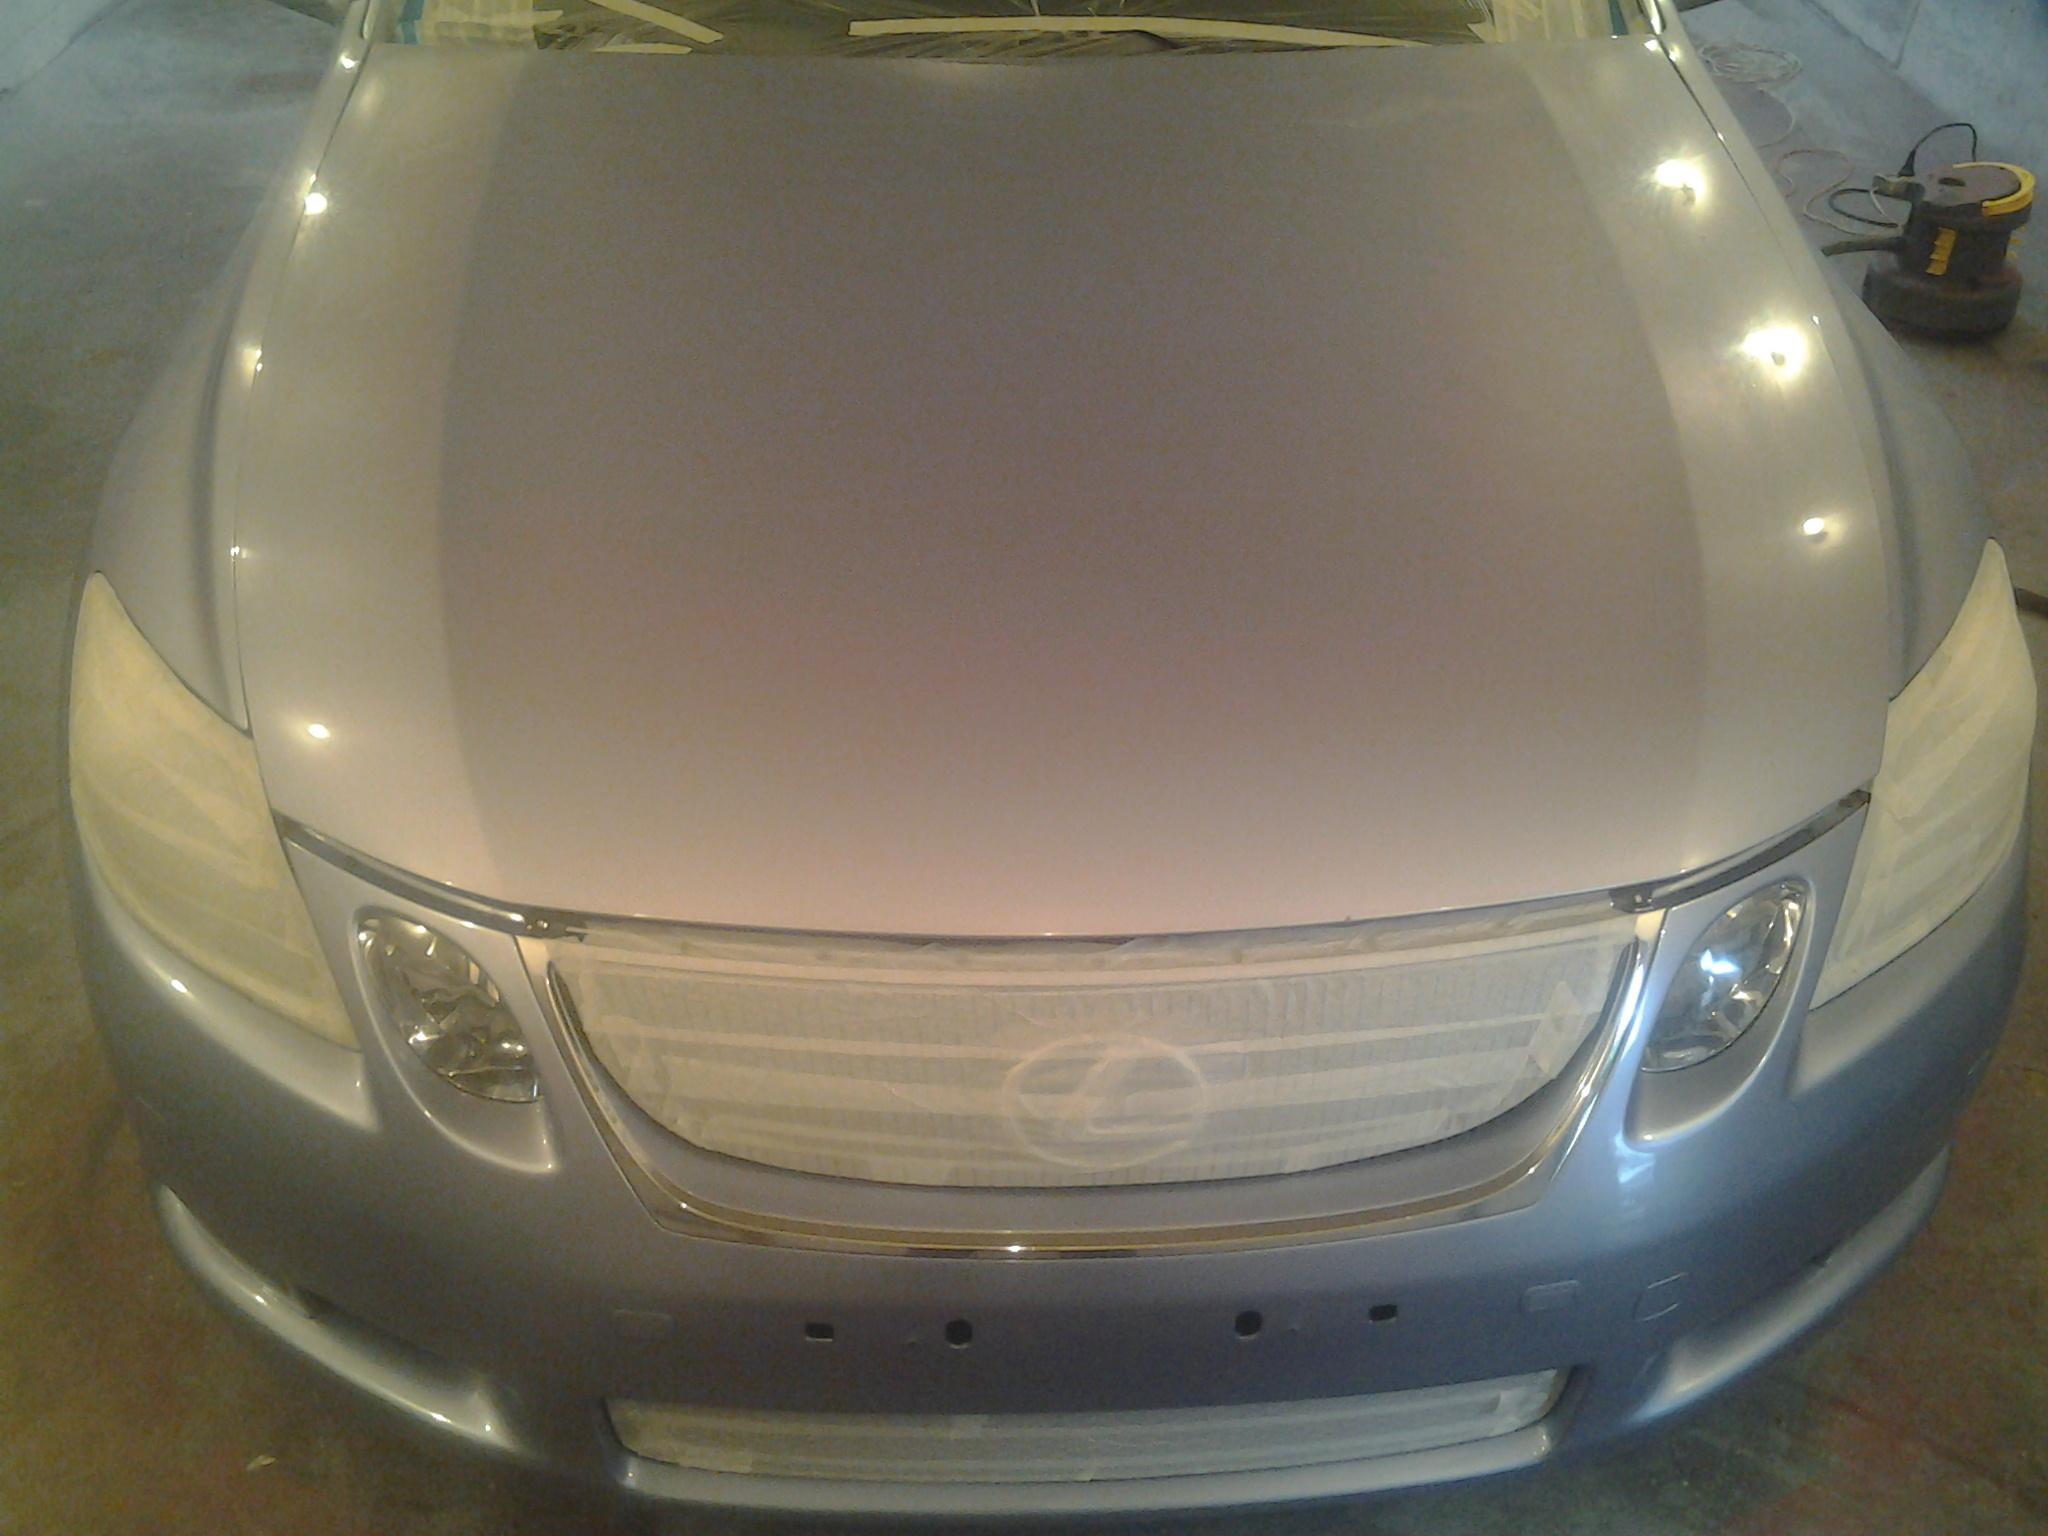 Жидкая резина PLASTI DIP и Rubber Dip красного цвета на кузове авто